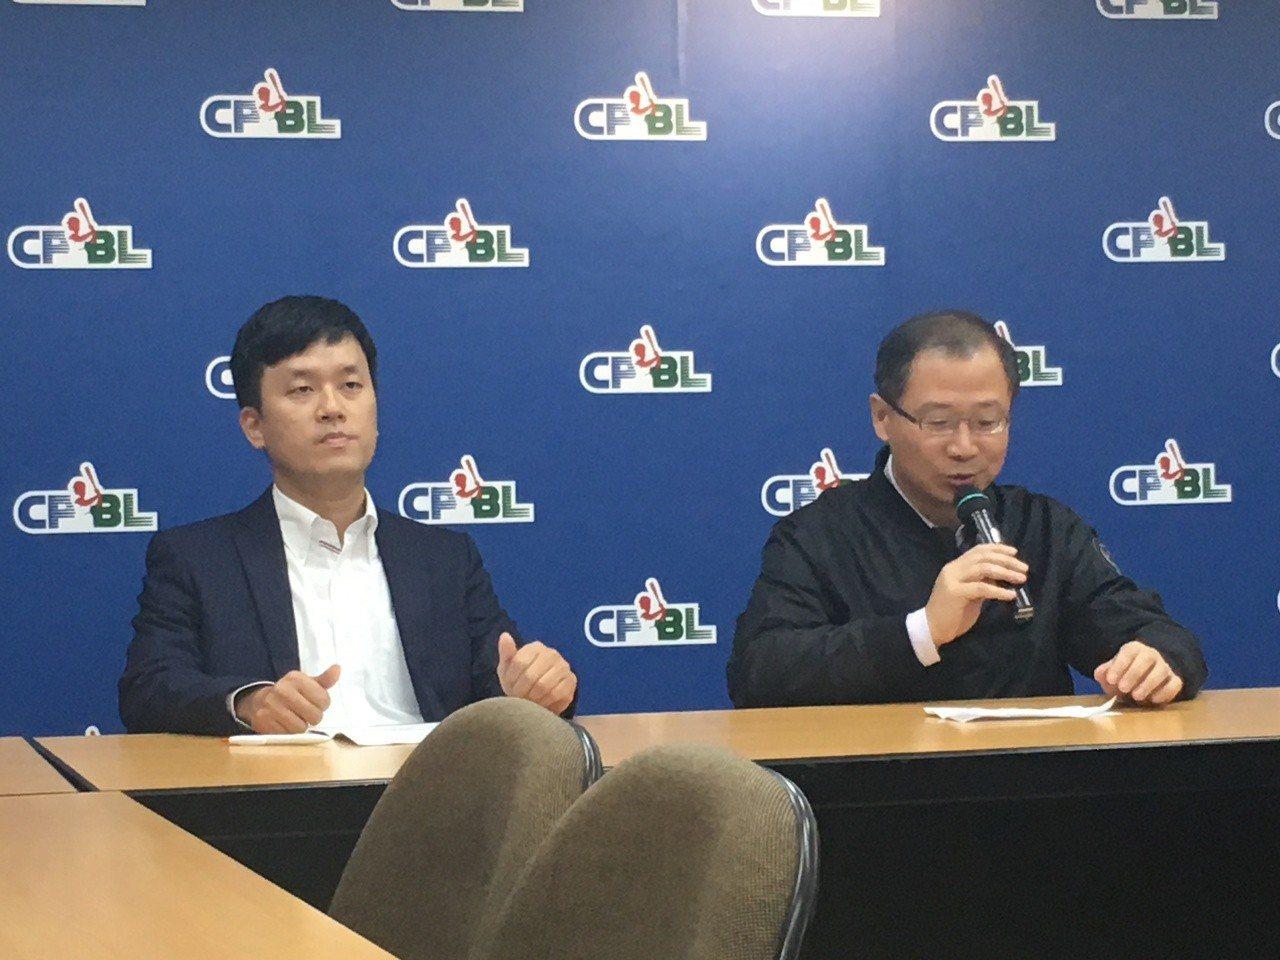 猿隊領隊劉玠廷及中職會長吳志揚共同出席記者會。記者葉姵妤/攝影